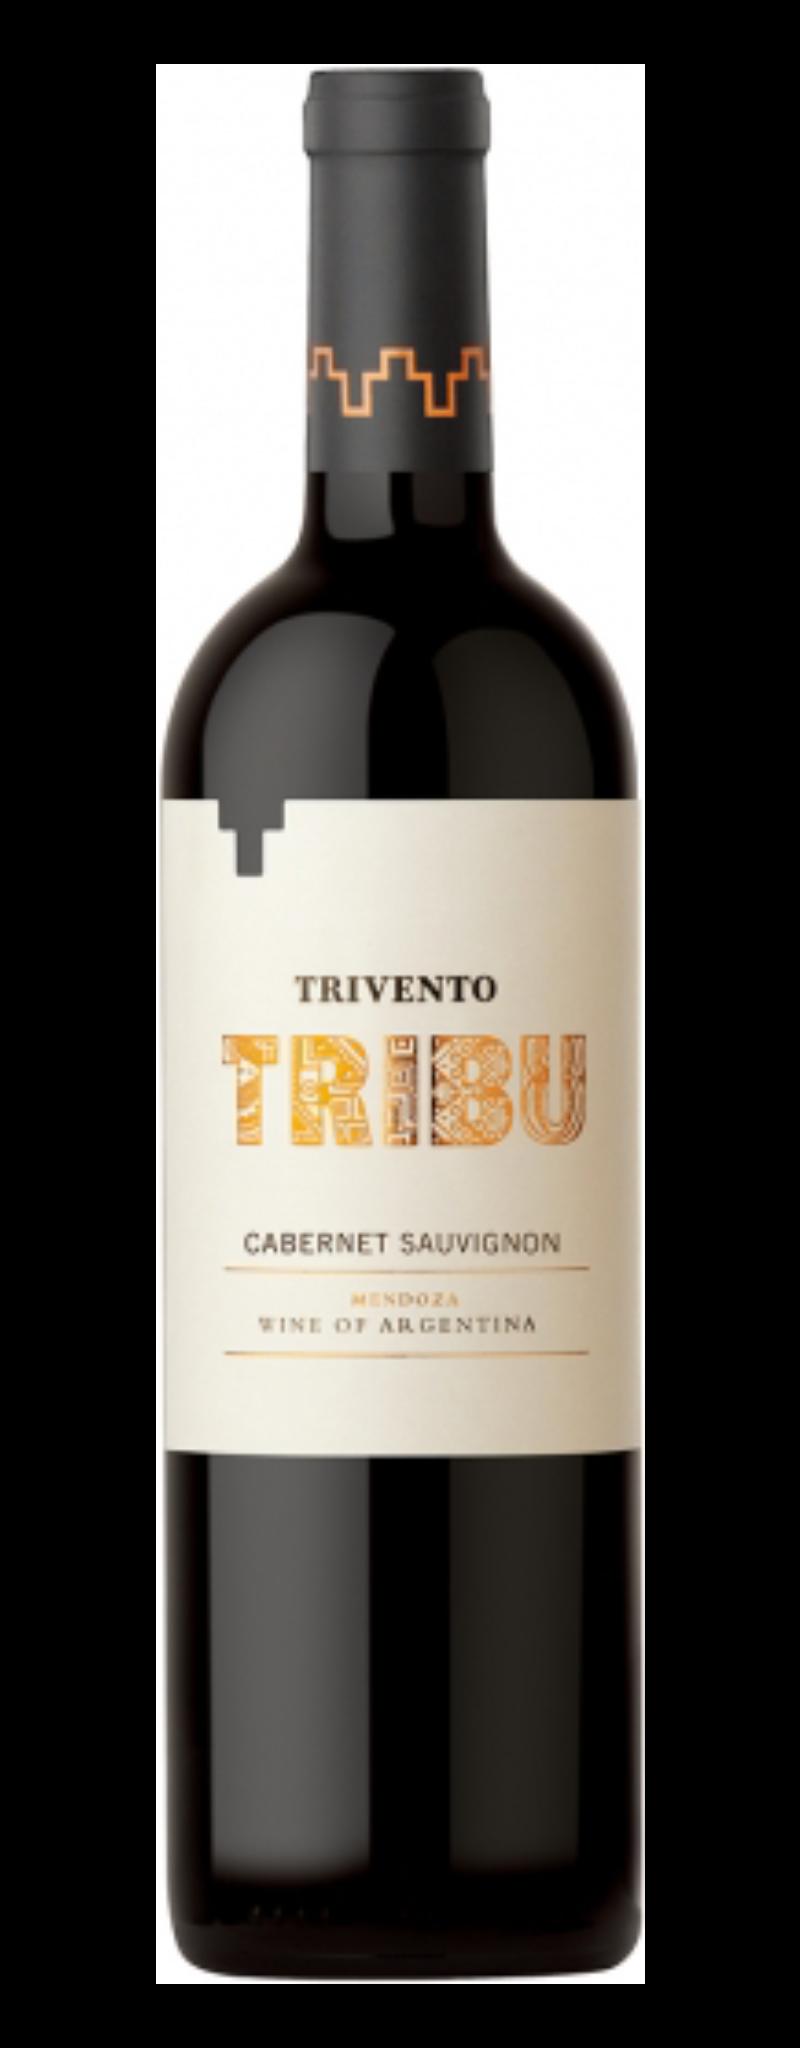 Trivento, Tribu Cabernet Sauvignon, Mendoza  - 750ml